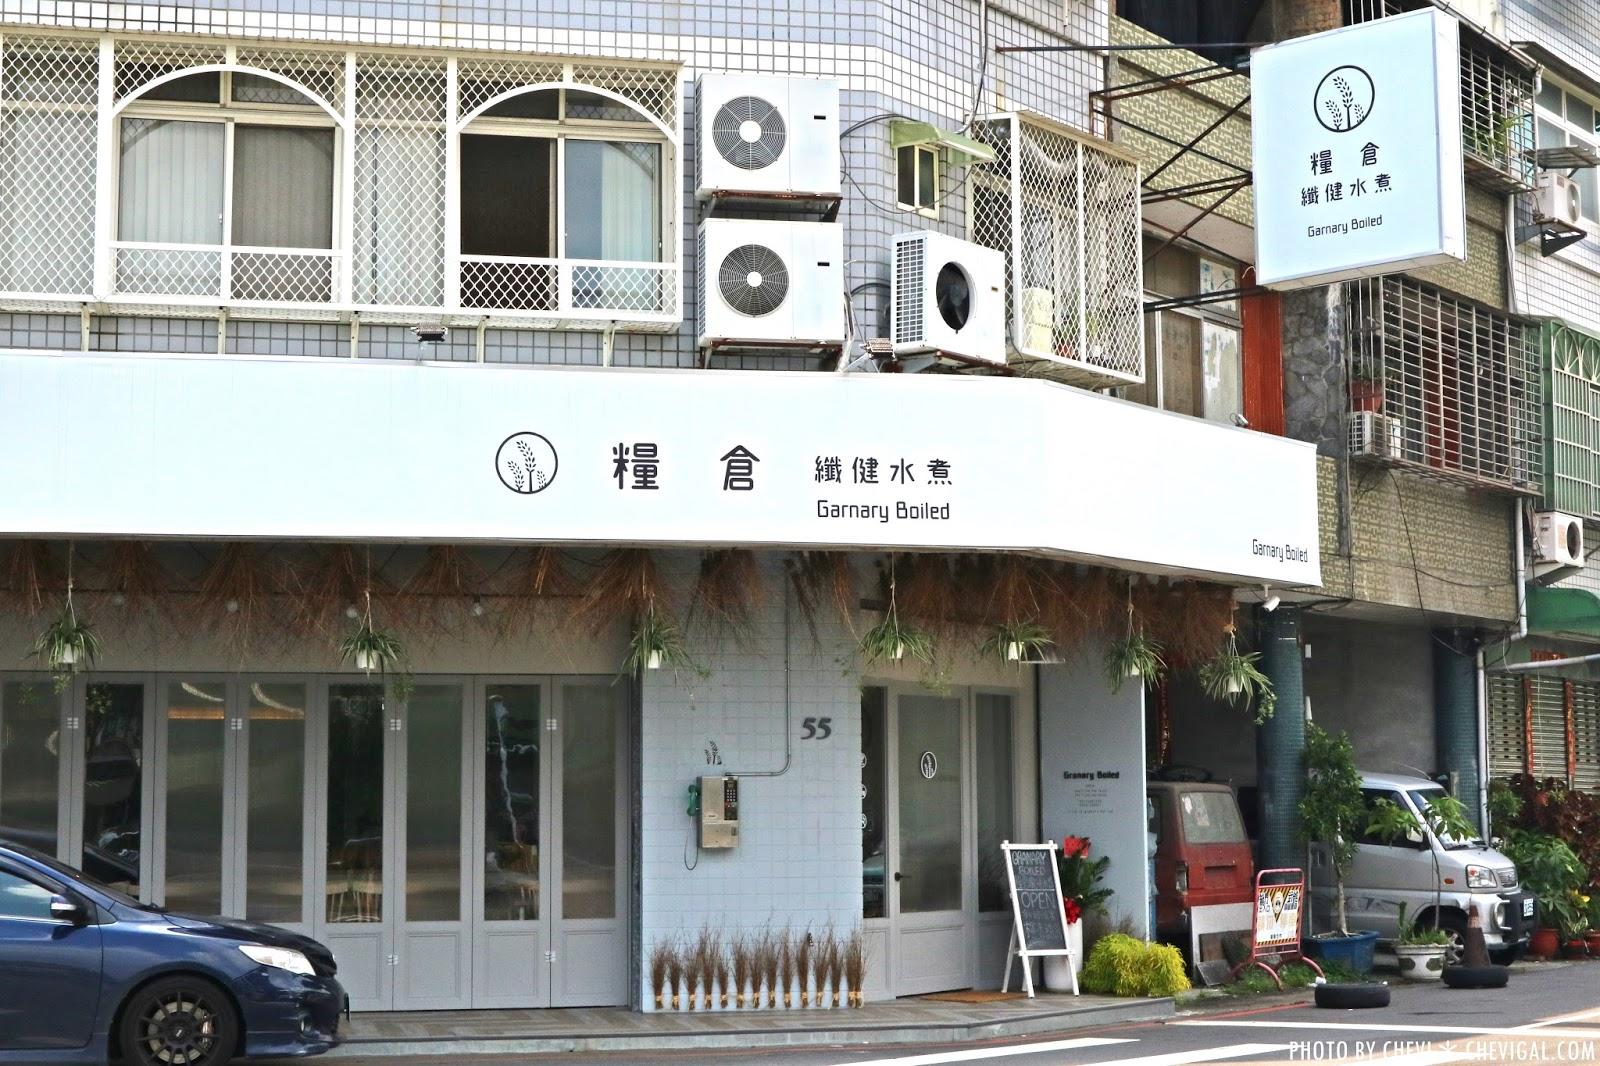 IMG 9651 - 糧倉 纖健水煮,隱身在柳川西路的文青小店。清爽水煮料理讓你吃到鮮甜原味